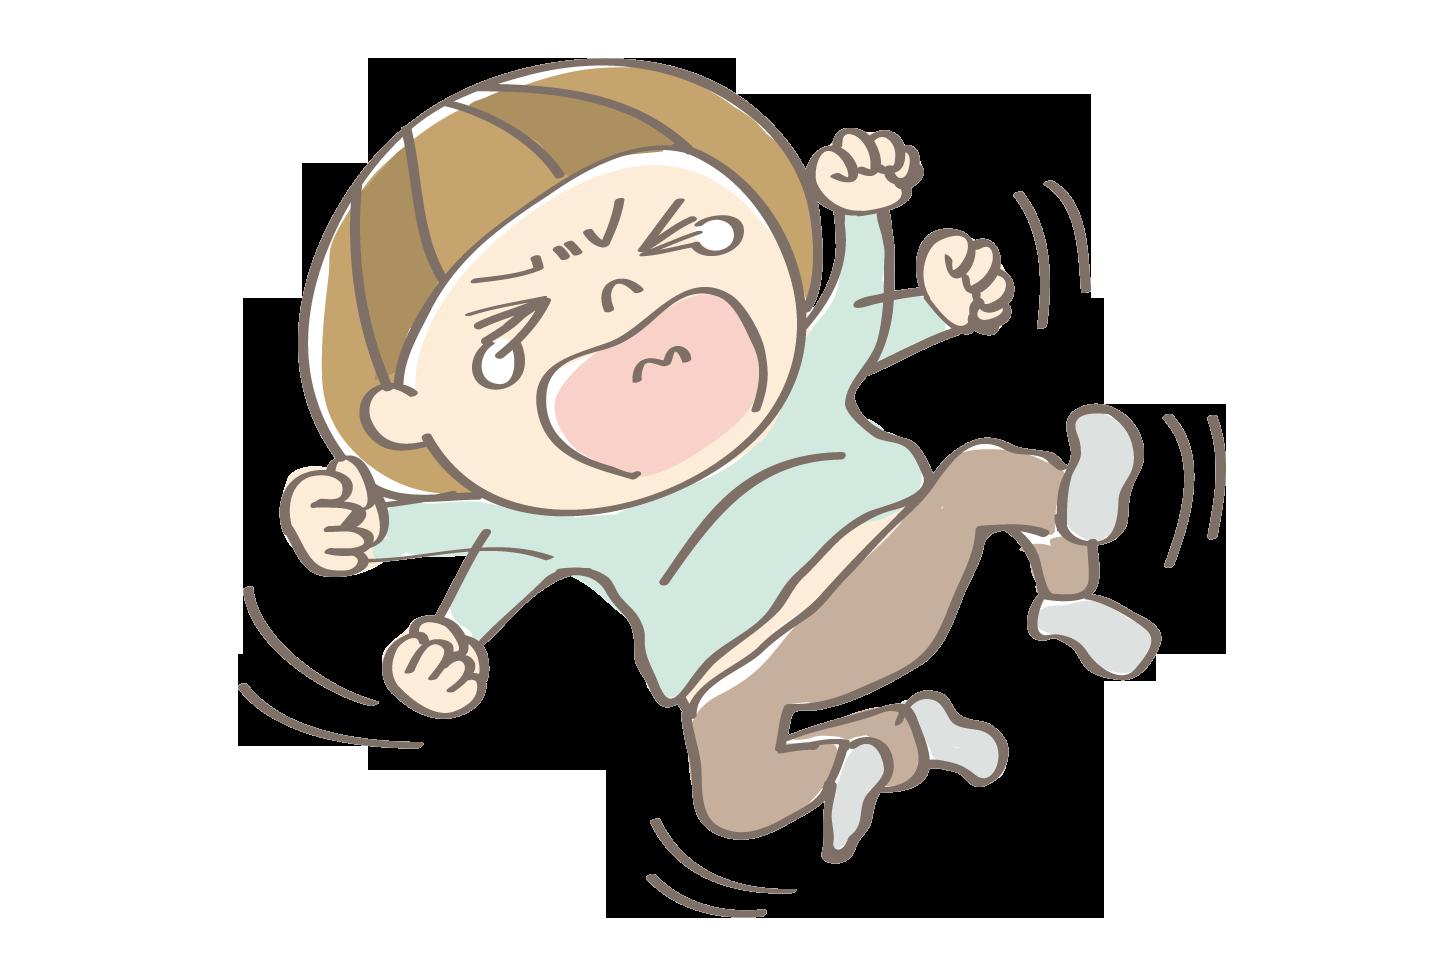 【オノマトペ】バタバタの意味と例文